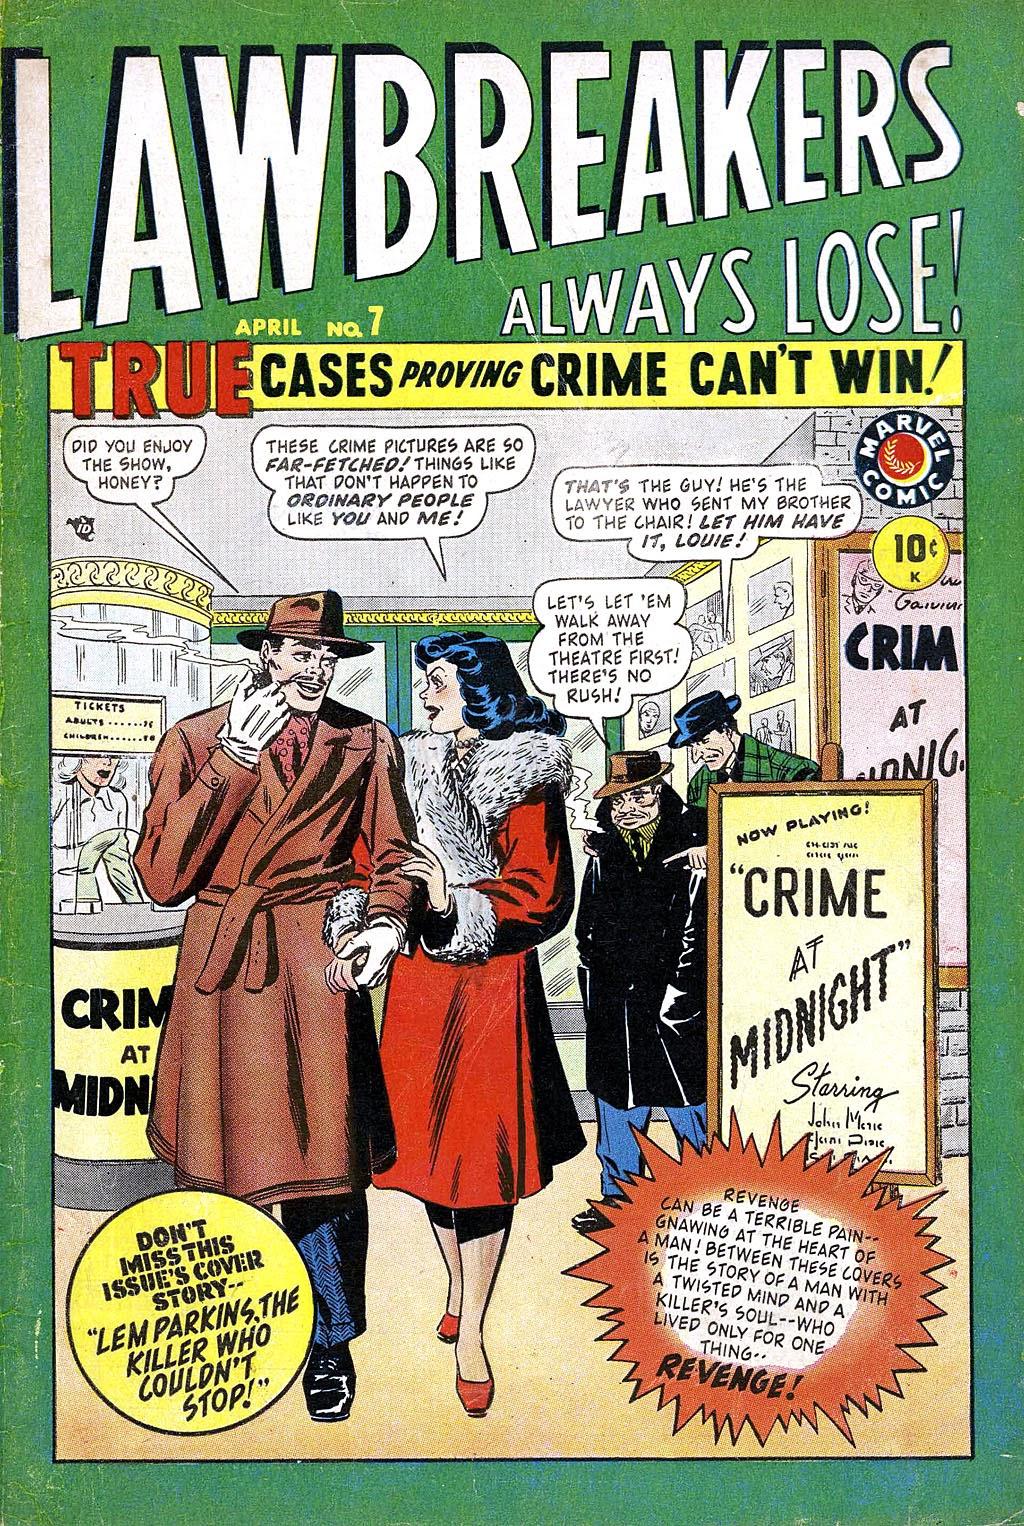 Lawbreakers Always Lose! issue 7 - Page 1